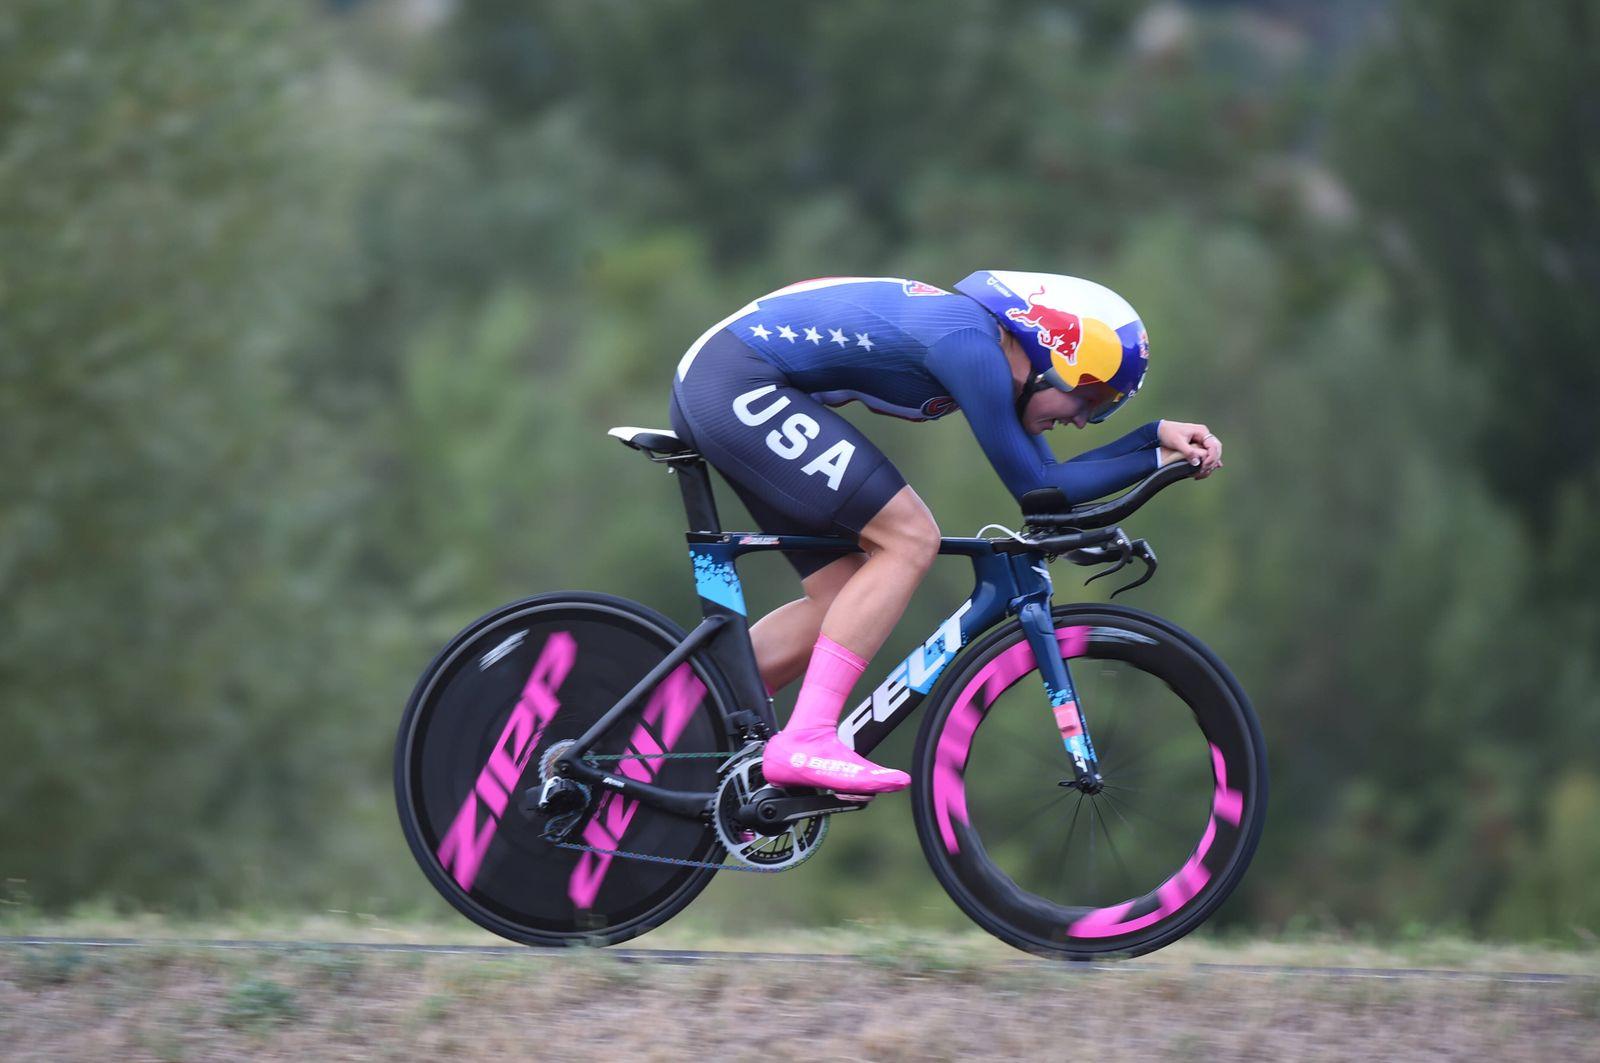 24-09-2020 World Championships Elite Women Cronometro; 2020, Usa; Dygert, Chloe; PUBLICATIONxNOTxINxITAxFRAxNED